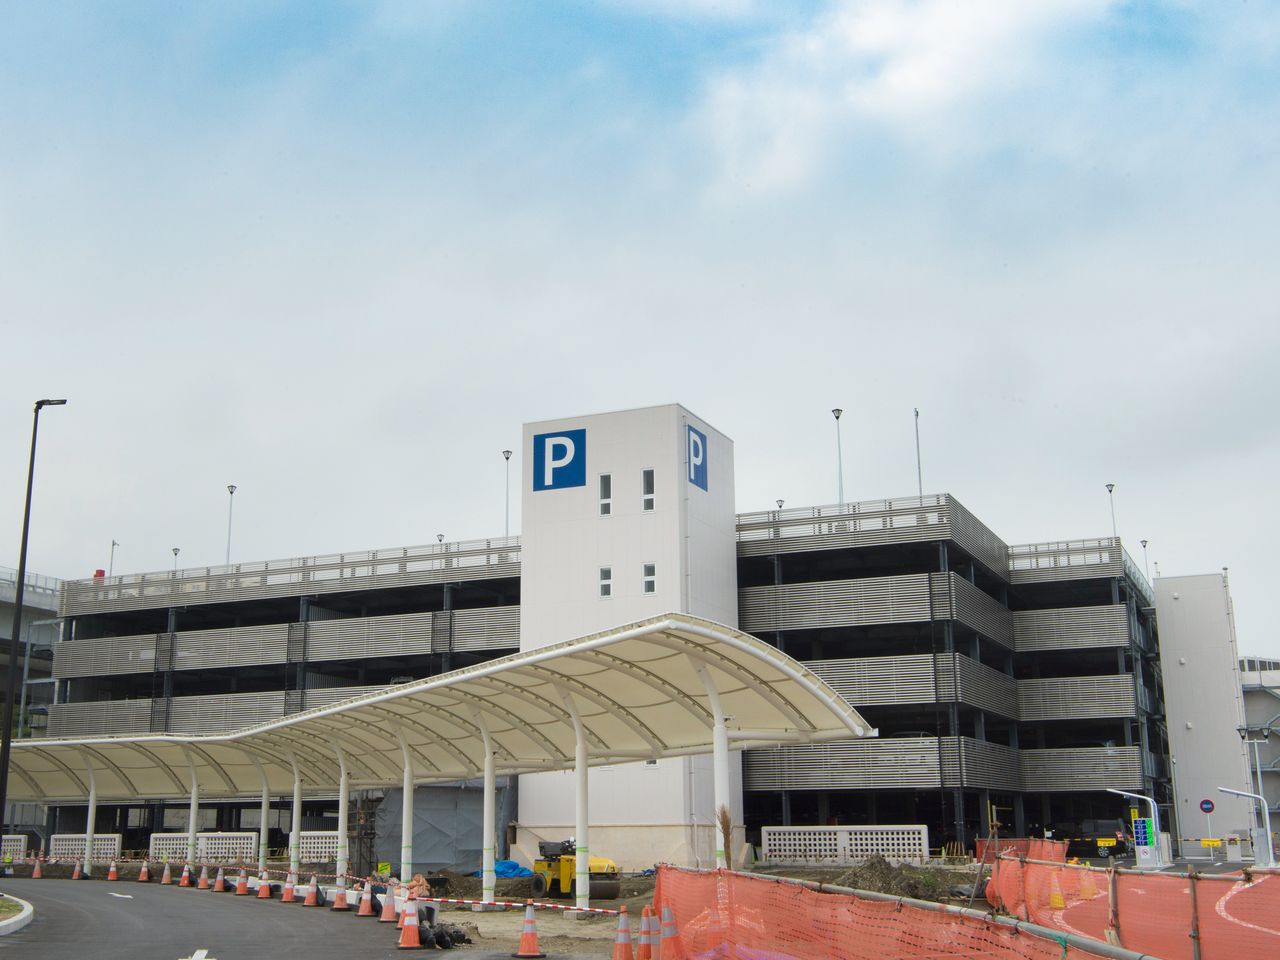 Автостоянка на конечной станции открыта с 5 утра до 1 часу ночи. Доступные цены на парковку (100 йен за час, 400 йен за день, 260 йен за ночь) позволяют оставить здесь машину на несколько дней